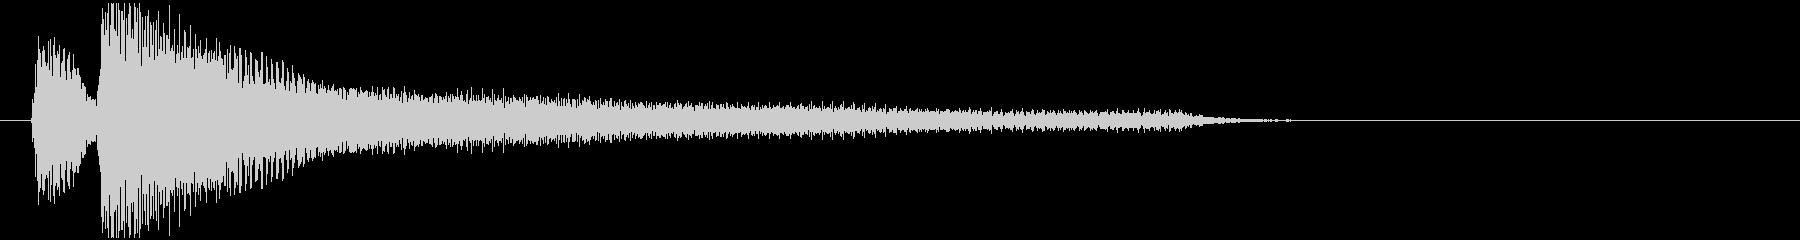 ジャジャーン(ピアノ)Lの未再生の波形